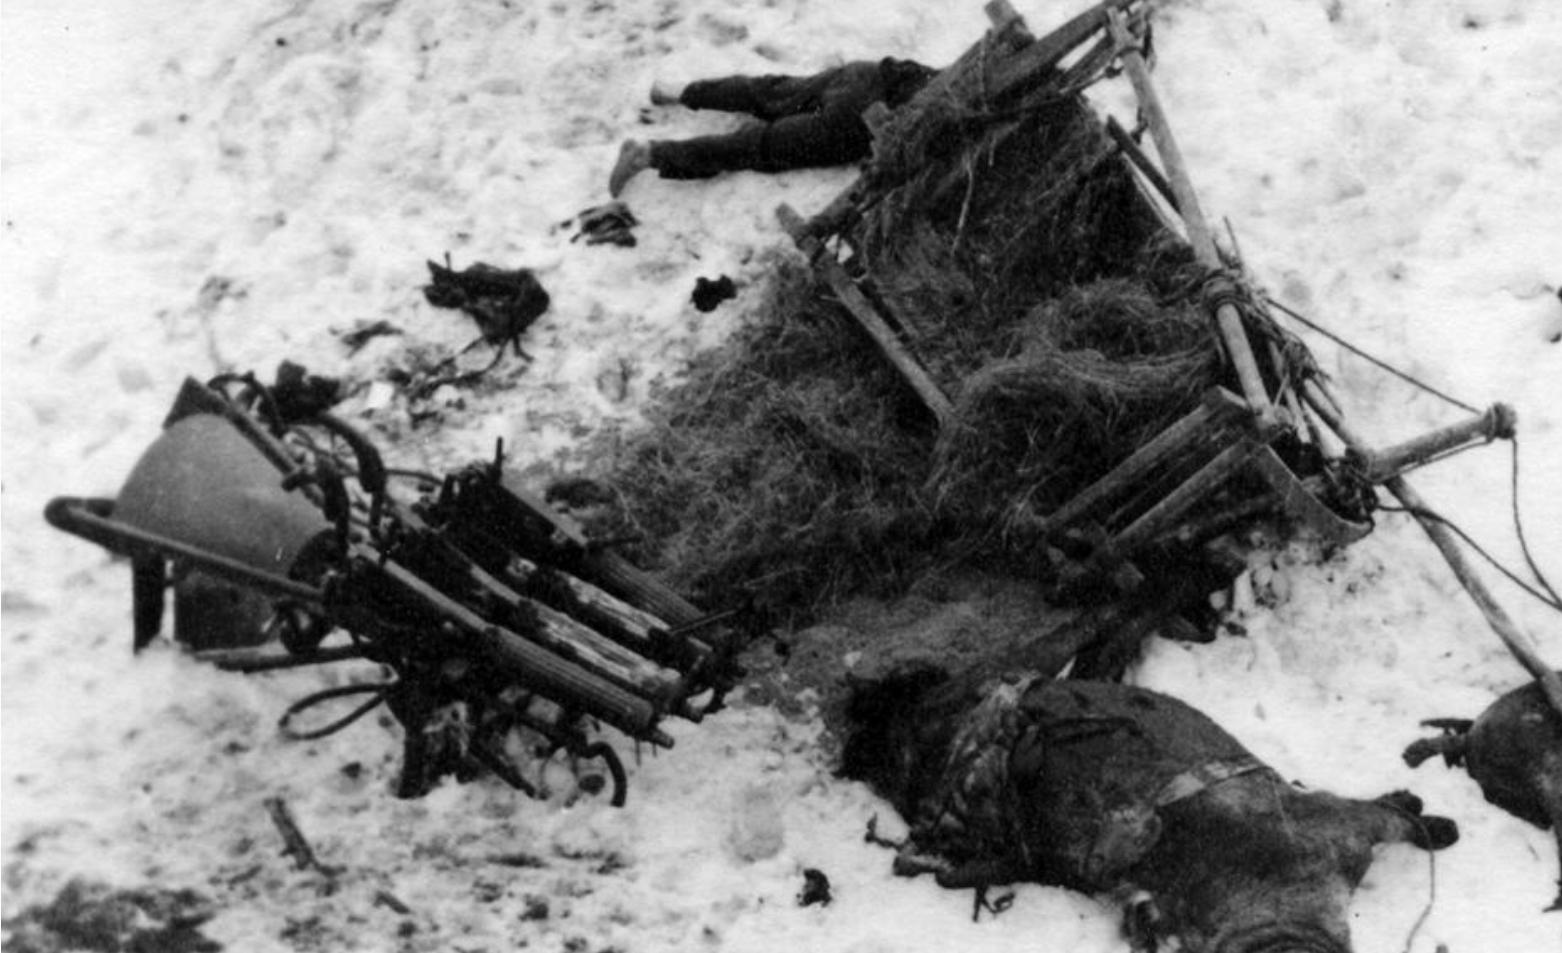 Павшие бойцы на поле боя. фотографии времен второй мировой в.